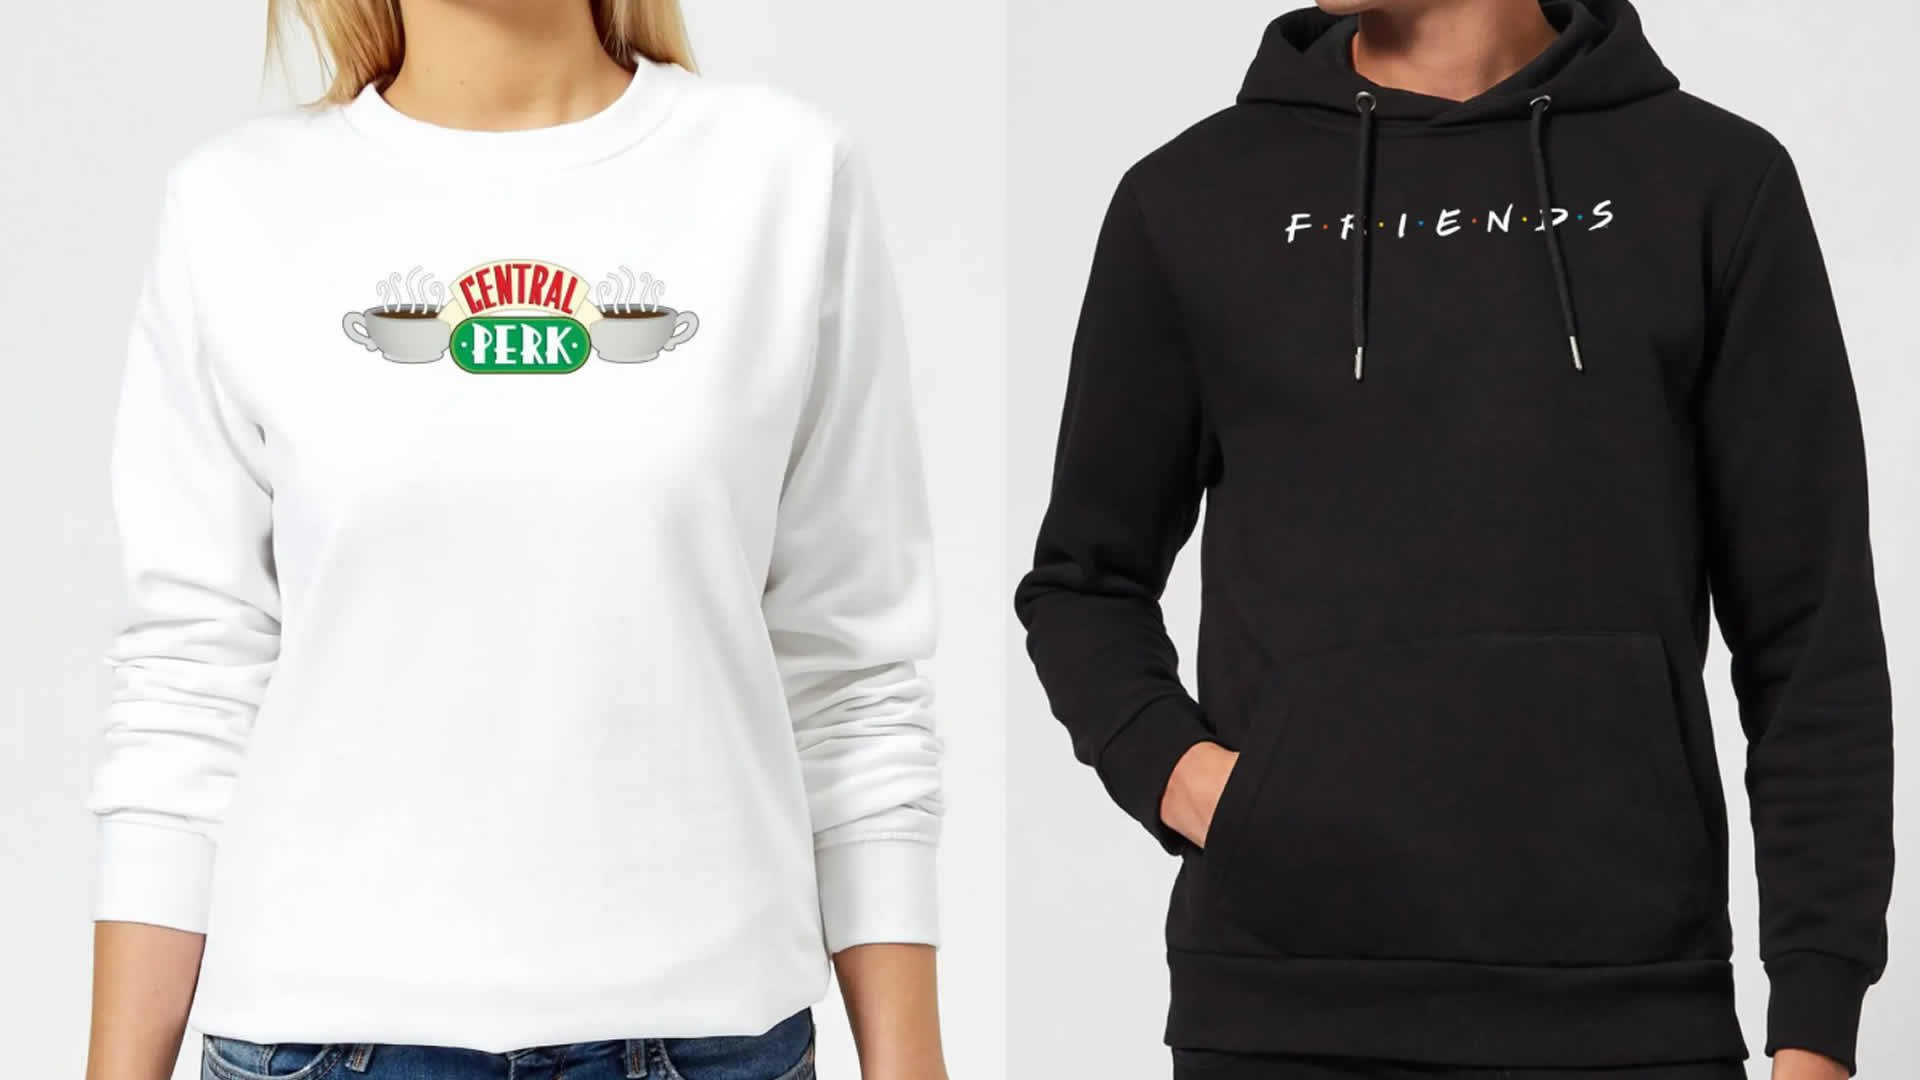 Descuento del 40% en merchandising de Friends en Zavvi